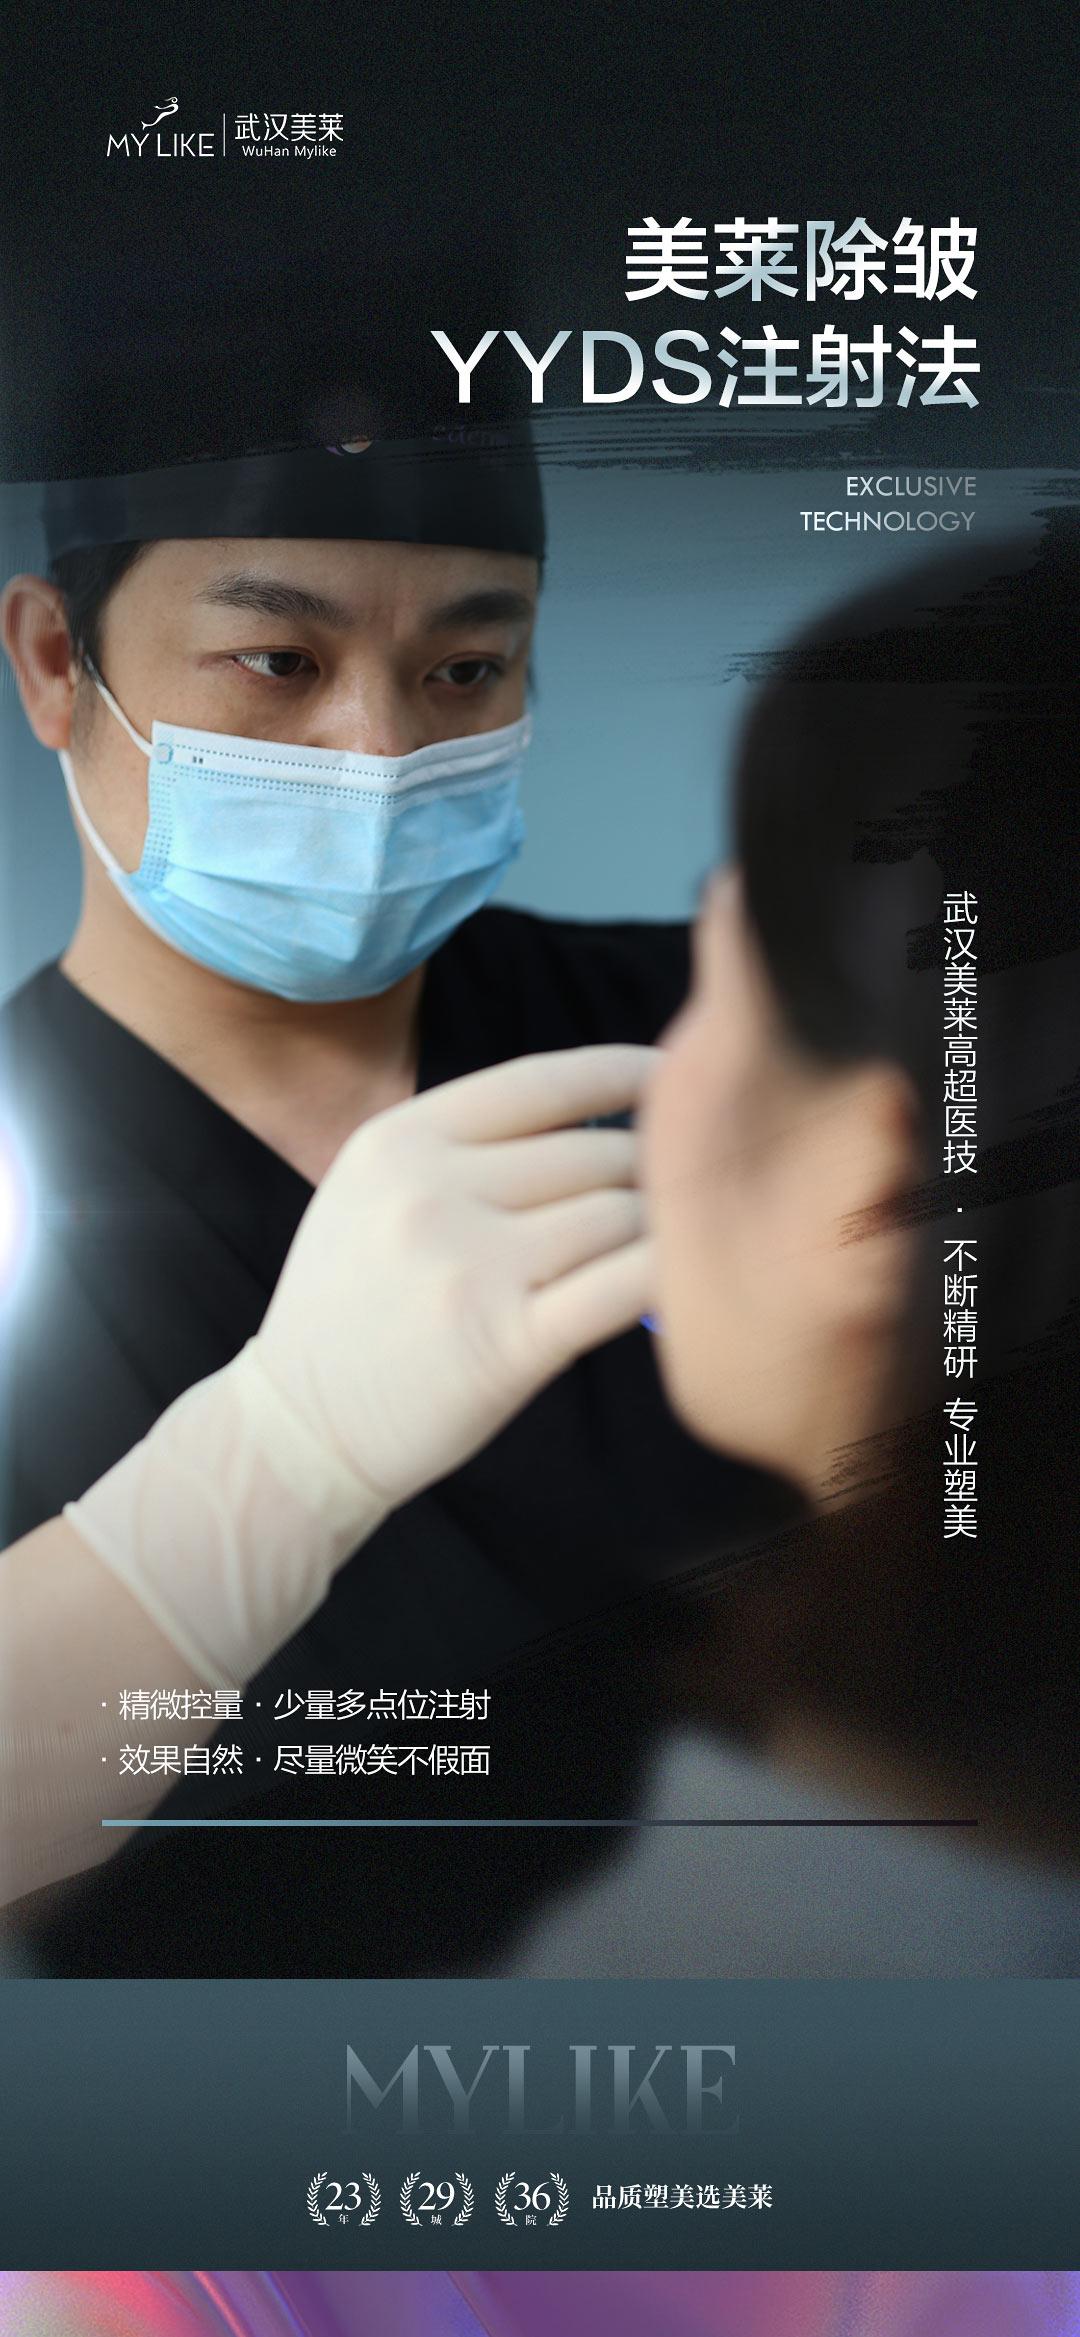 武汉美莱注射除皱4大王牌,带给你安心的治疗体验!